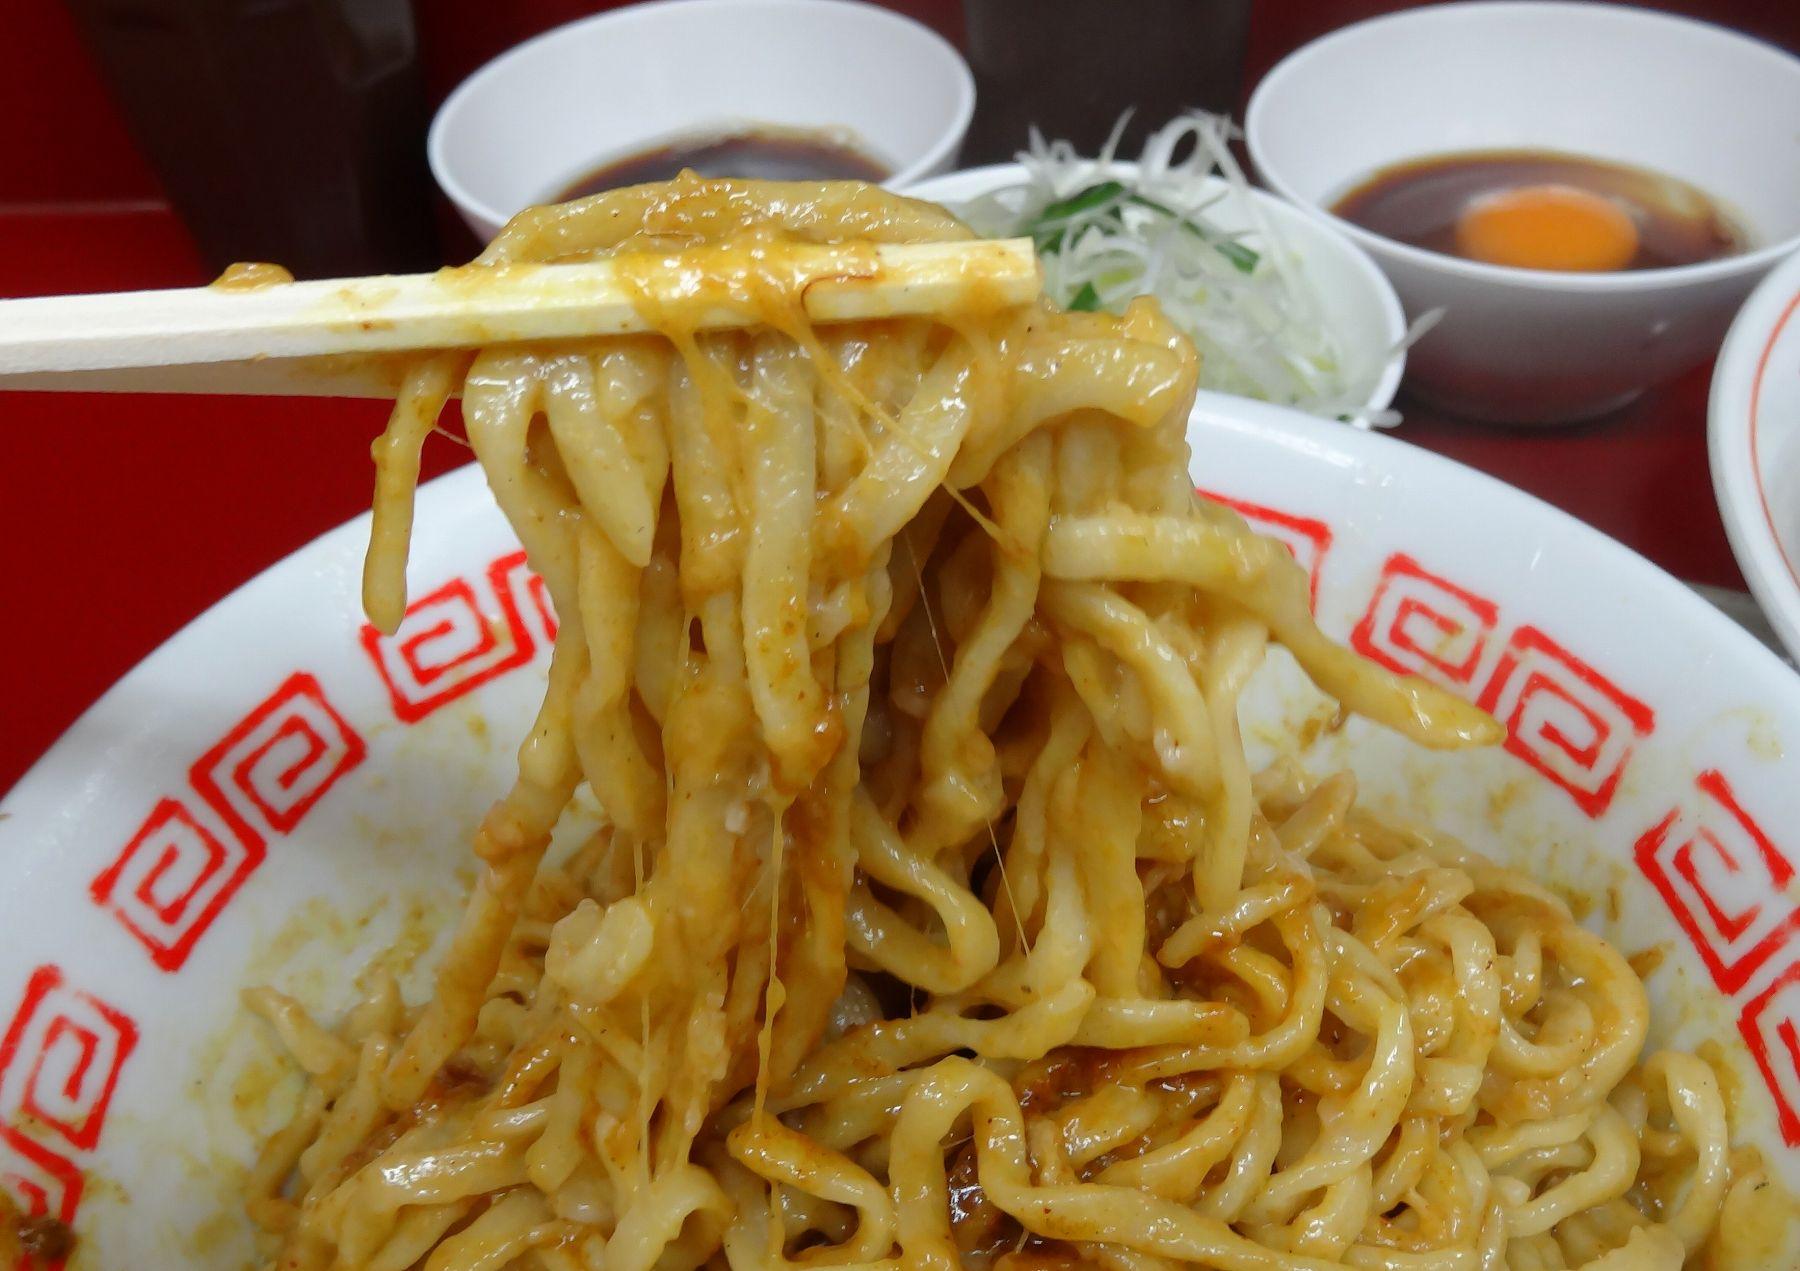 20121028012sumoji.jpg